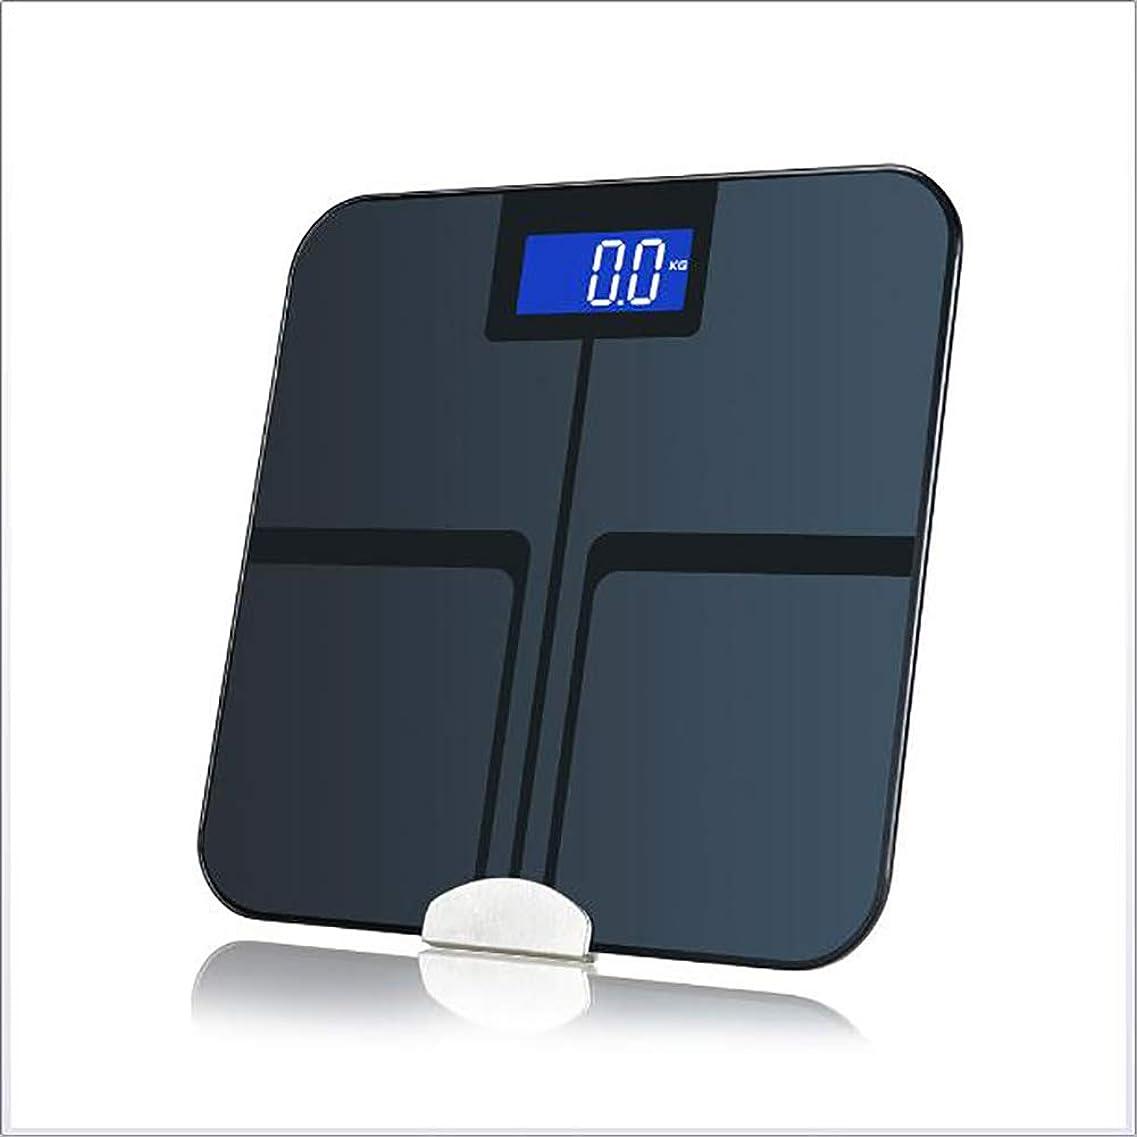 発掘対角線大胆ブルートゥース体脂肪スケール、スマートスケールワイヤレスバスルーム重量スケール、脂肪、BMI、BMR、筋肉量、水のための自動認識体組成計